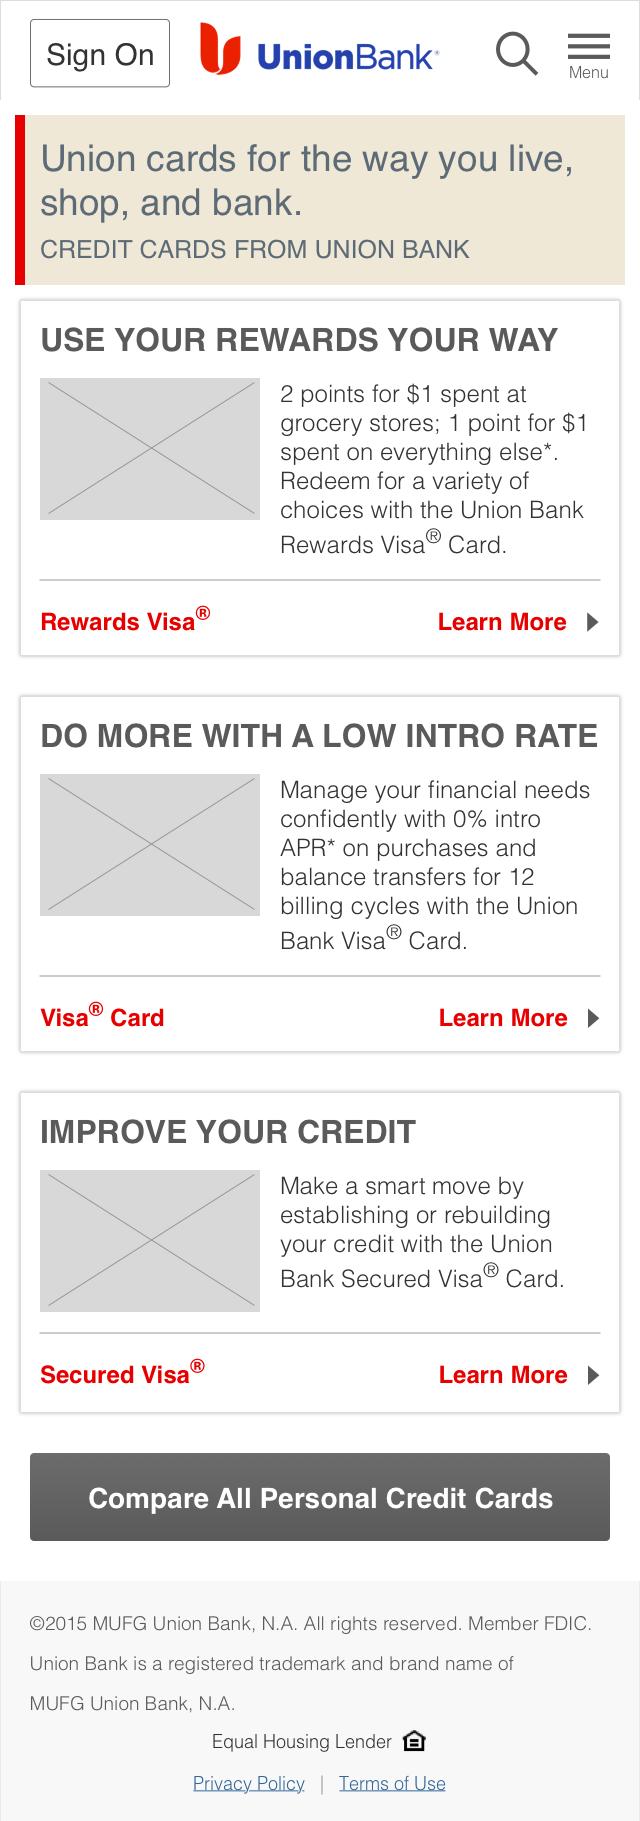 Credit Cards - Landing - Alt